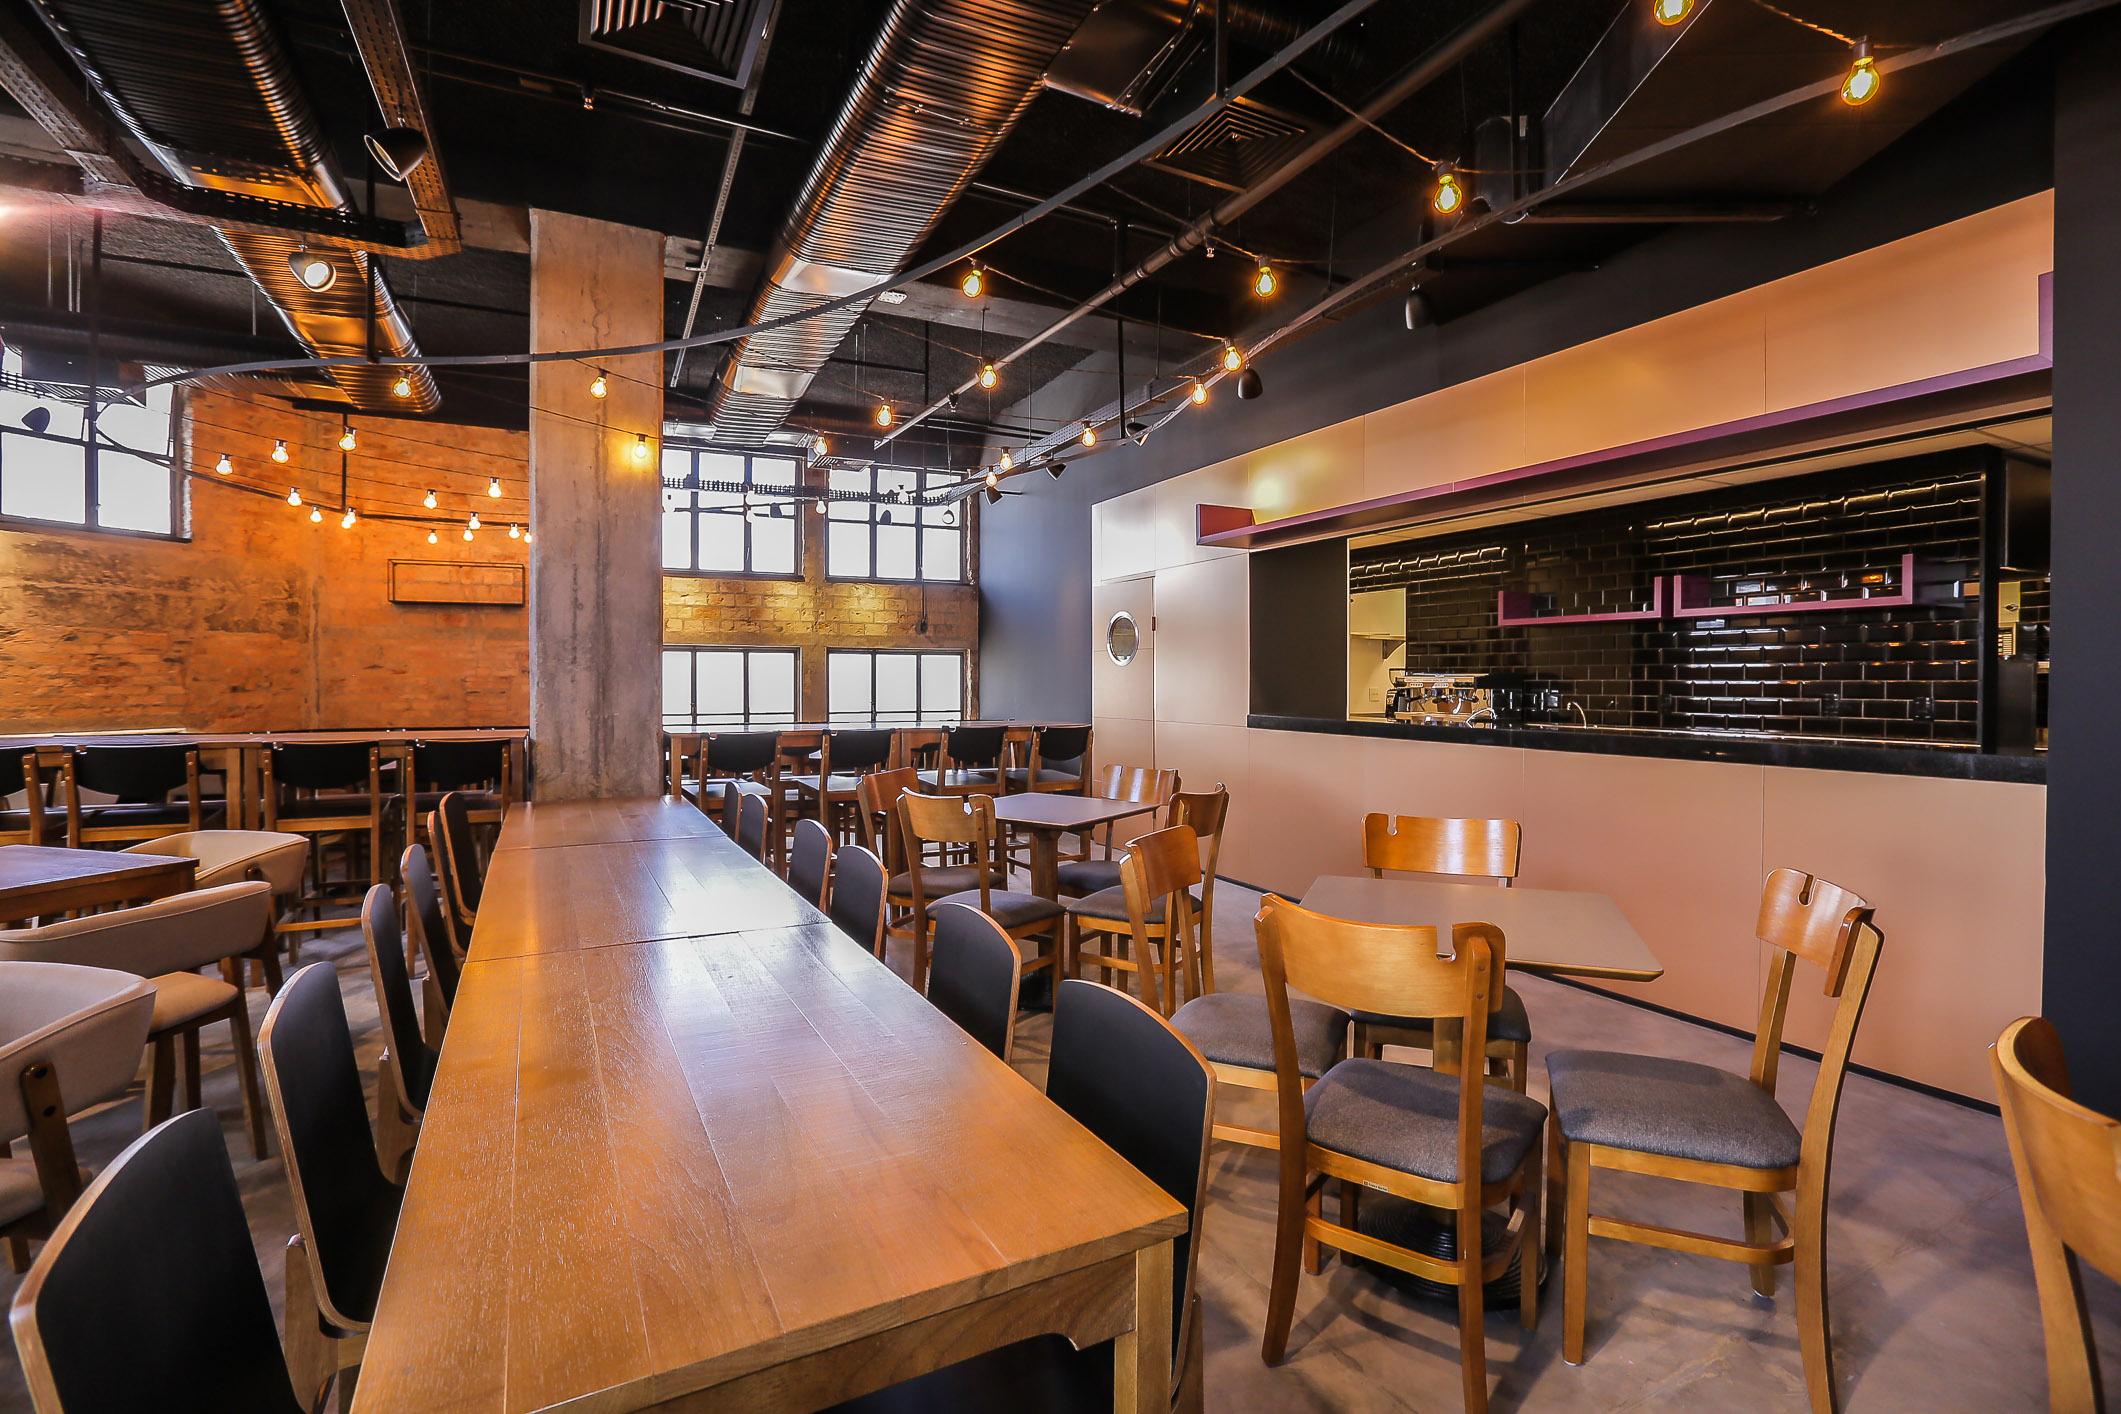 Farol Santander inaugura o Boteco do 28, novo andar dedicado à gastronomia